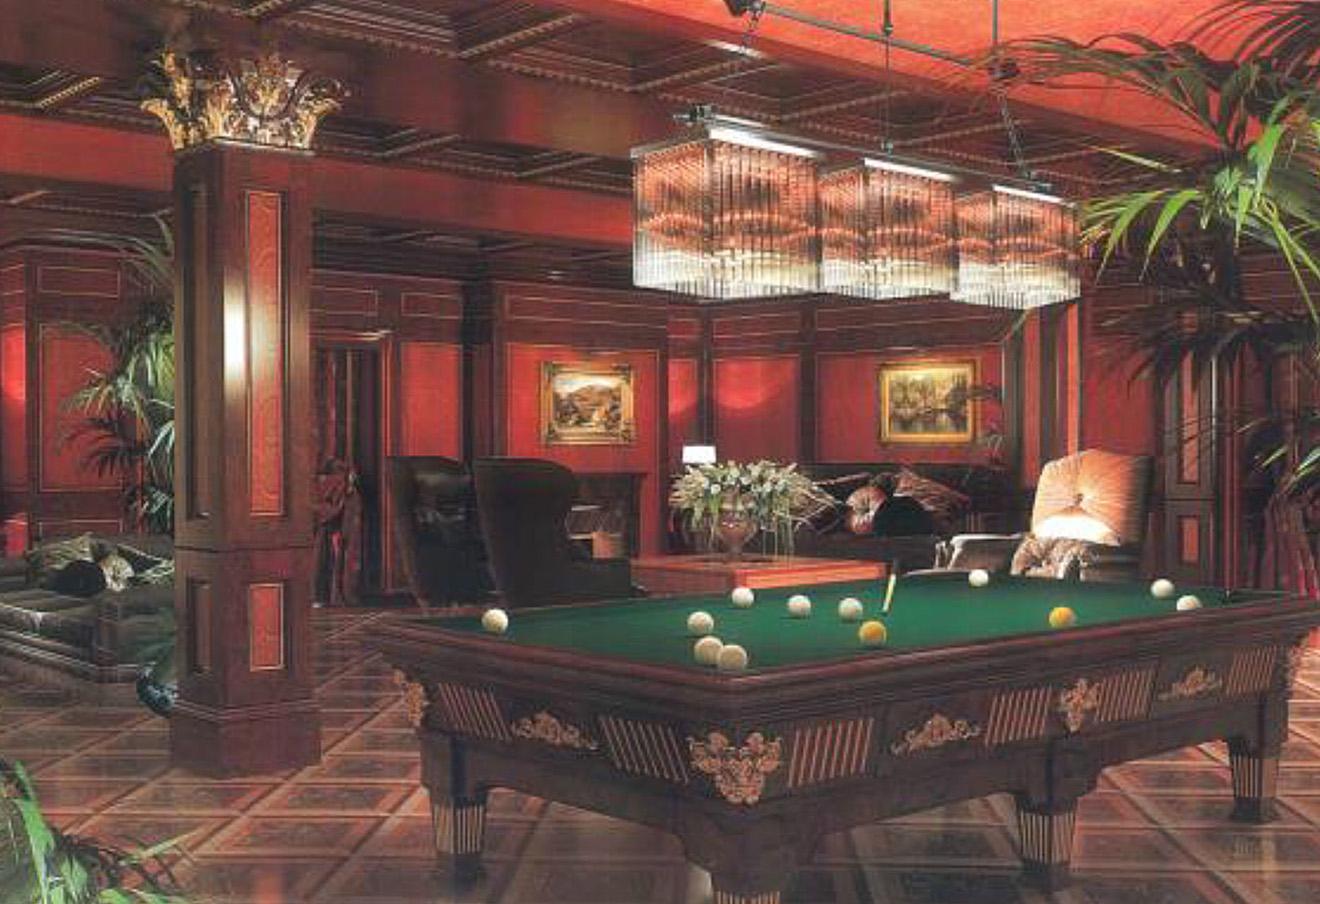 Гостиная с бильярдом расположена на цокольном этаже, рядом с ней - домашний кинозал, курительная с баром, винная комната, три гардеробные и оружейная. Фото: savills.ru